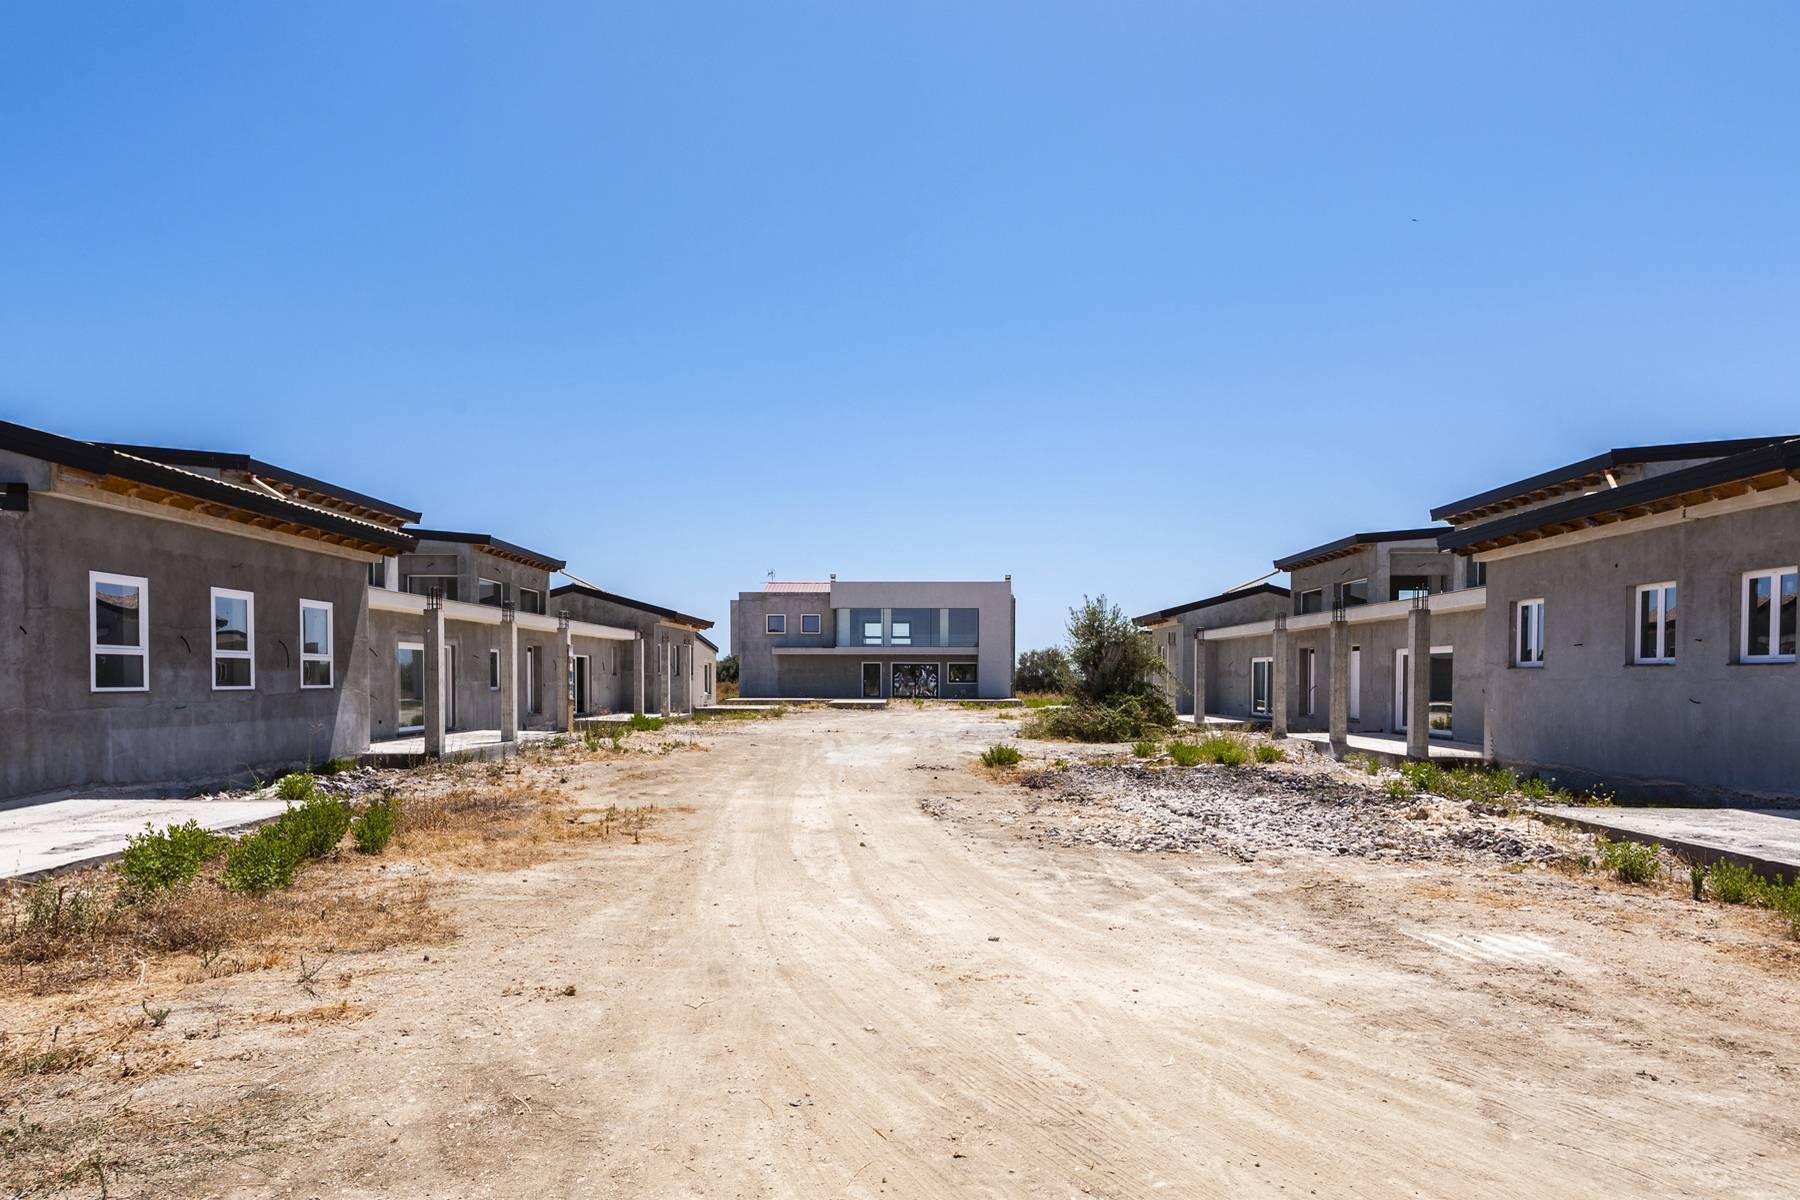 Komplex aus fünf Villen mit Pool und Zitrushain in Syrakus - 17